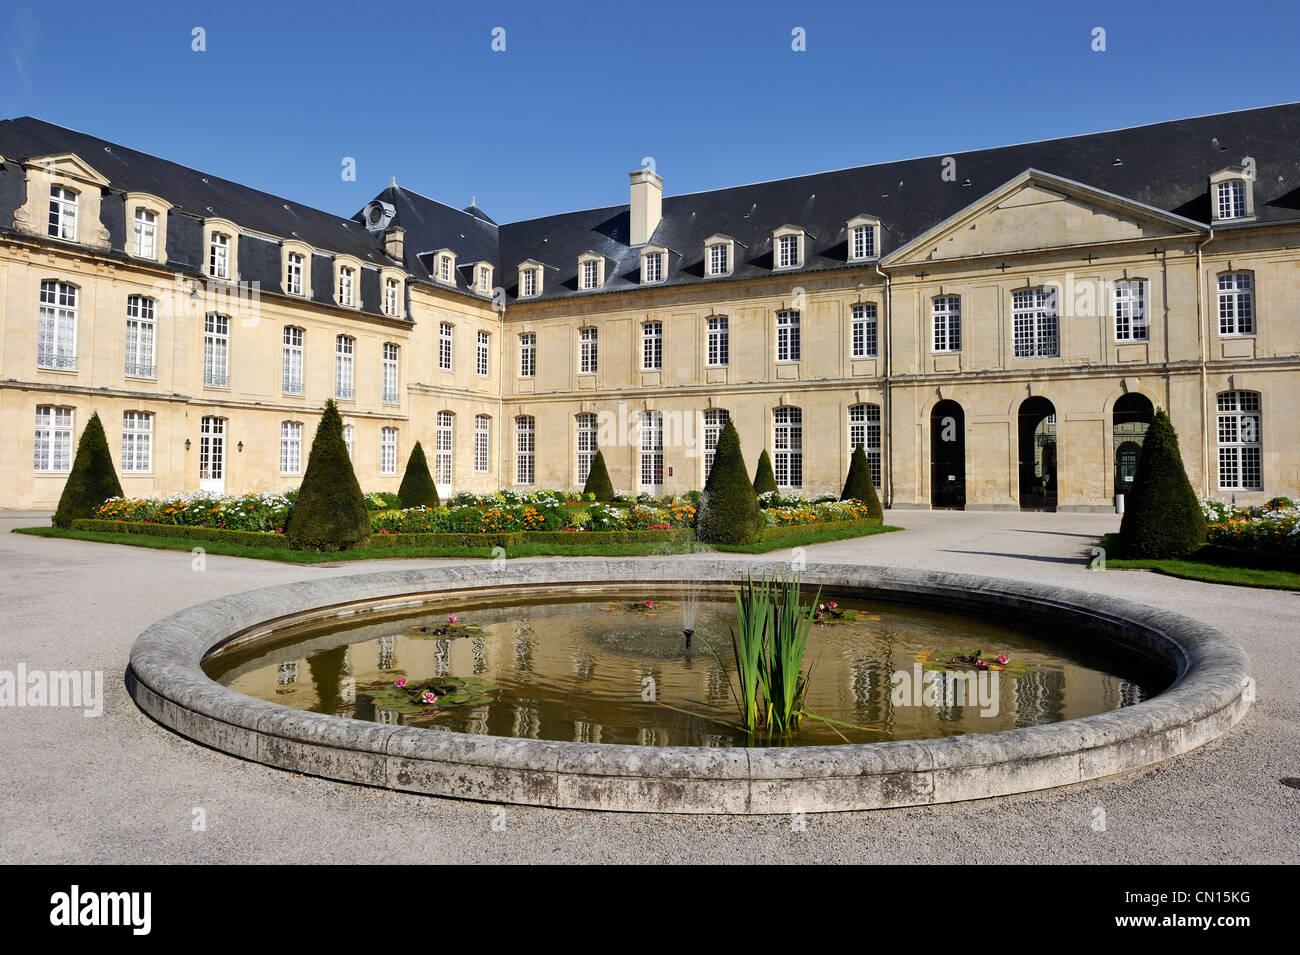 France, Calvados, Caen, Abbaye aux Dames (Abbaye de la femme) Photo Stock